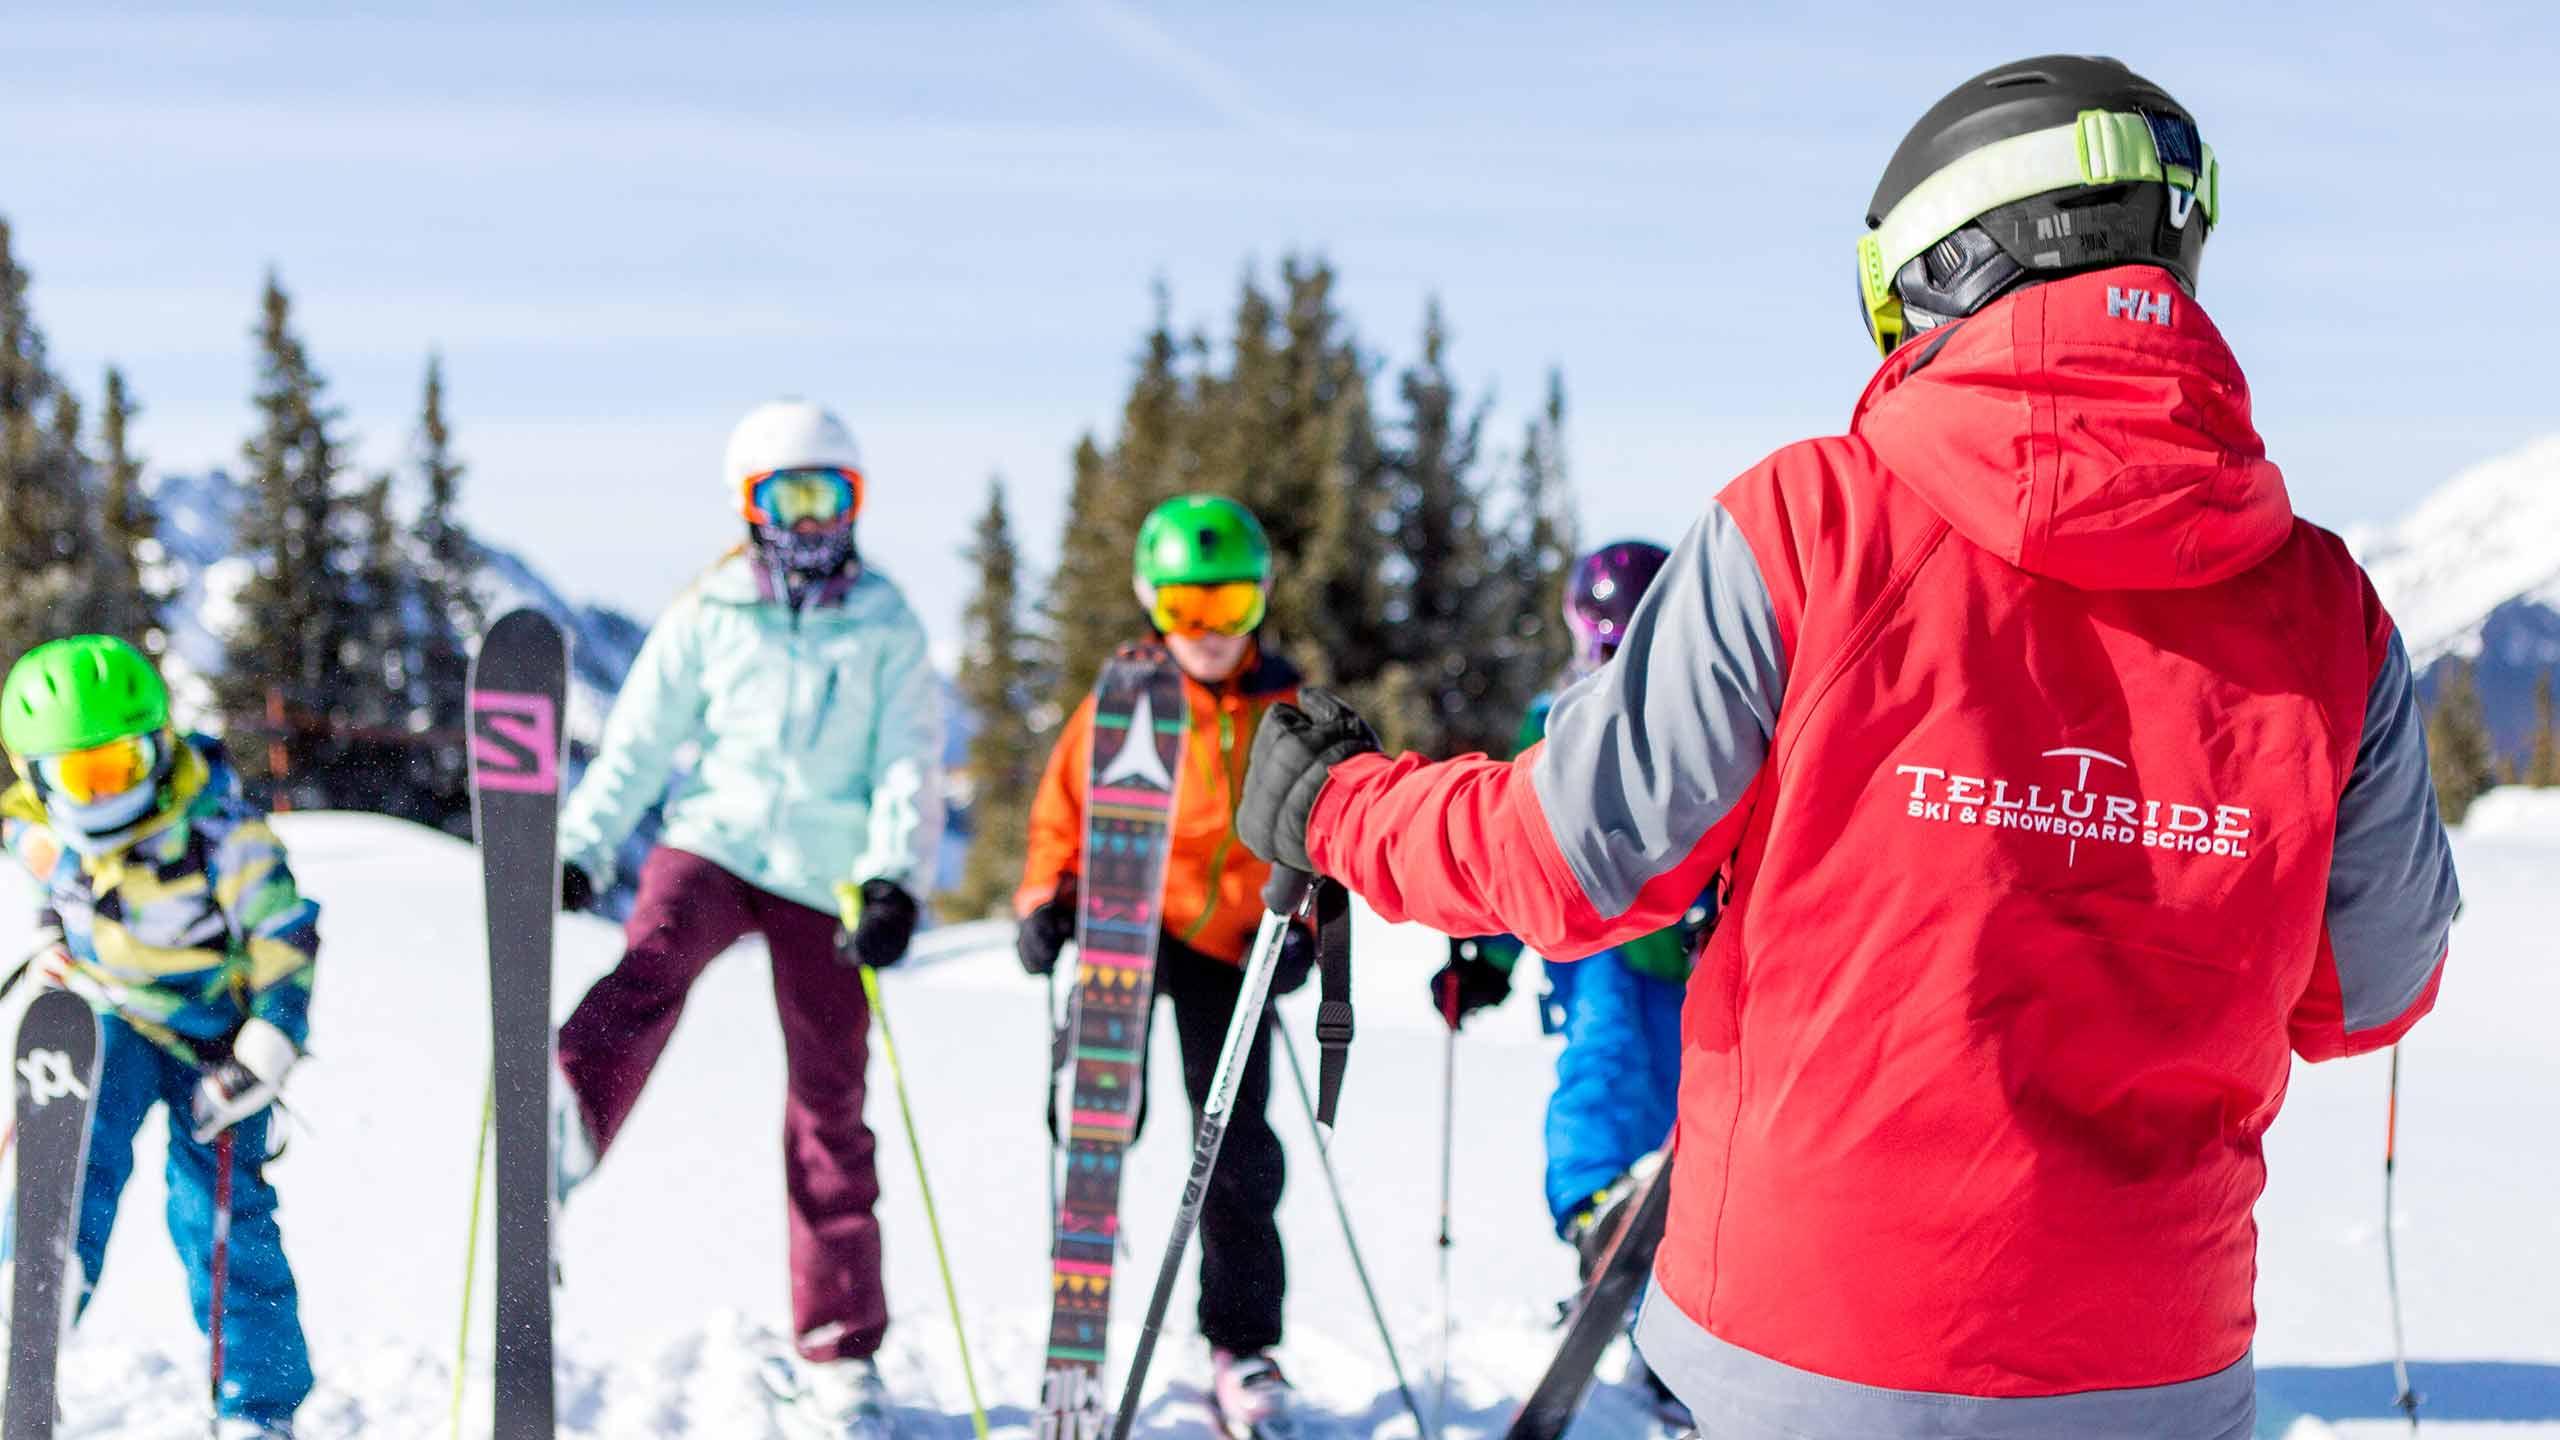 Development Squad at Telluride Ski Resort